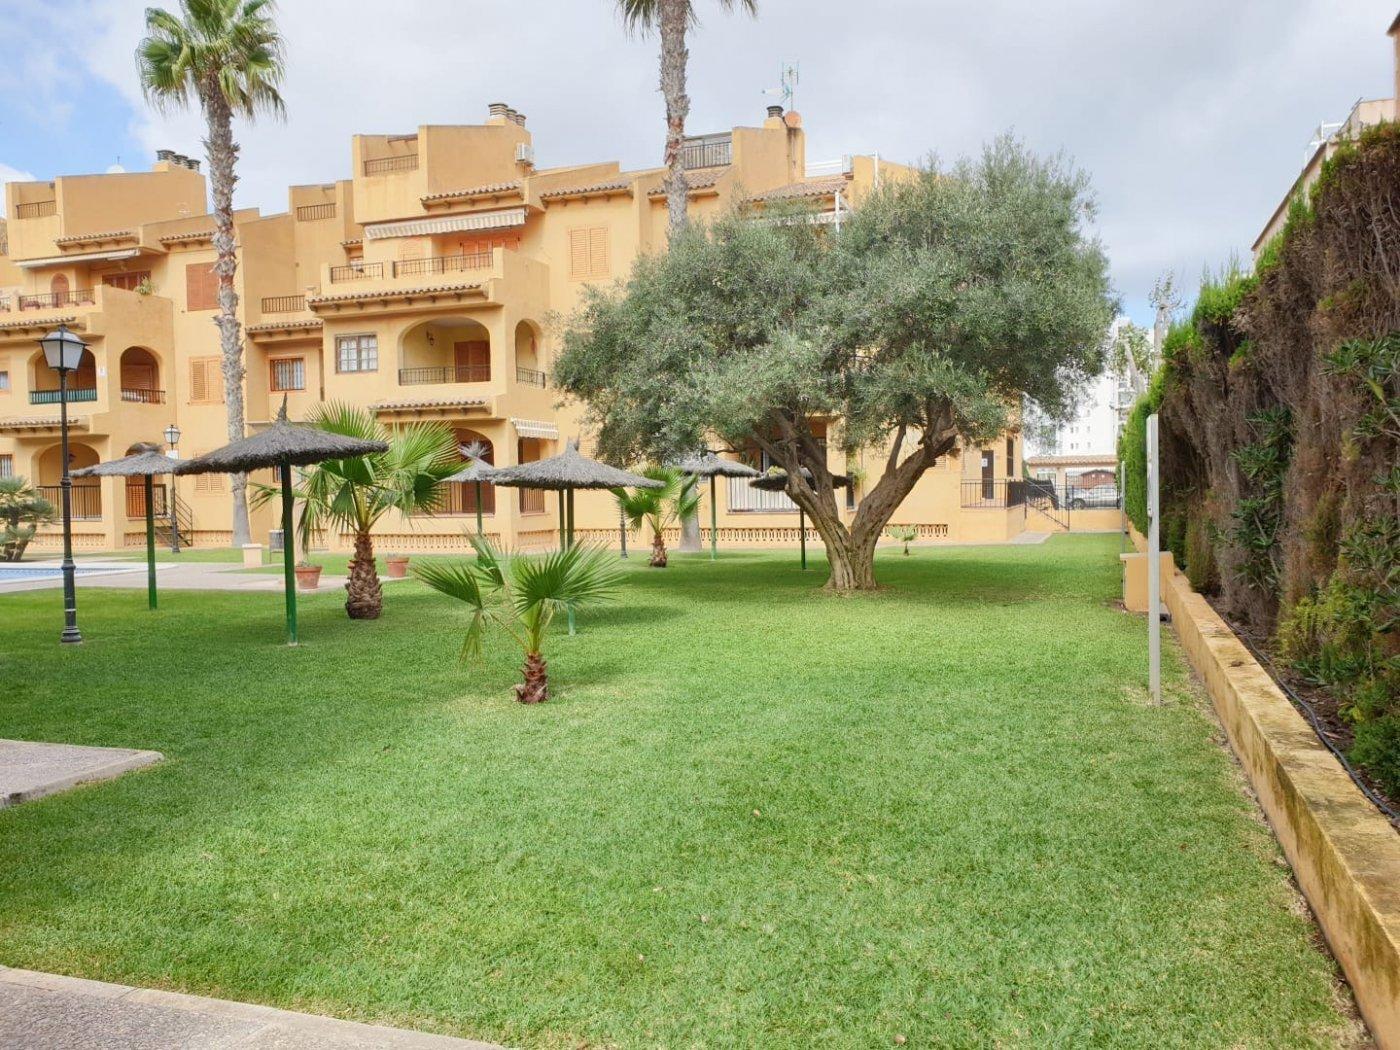 Opportunité! Appartement sur la plage avec garage et débarras inclus dans le prix, La Mata! (La Mata)